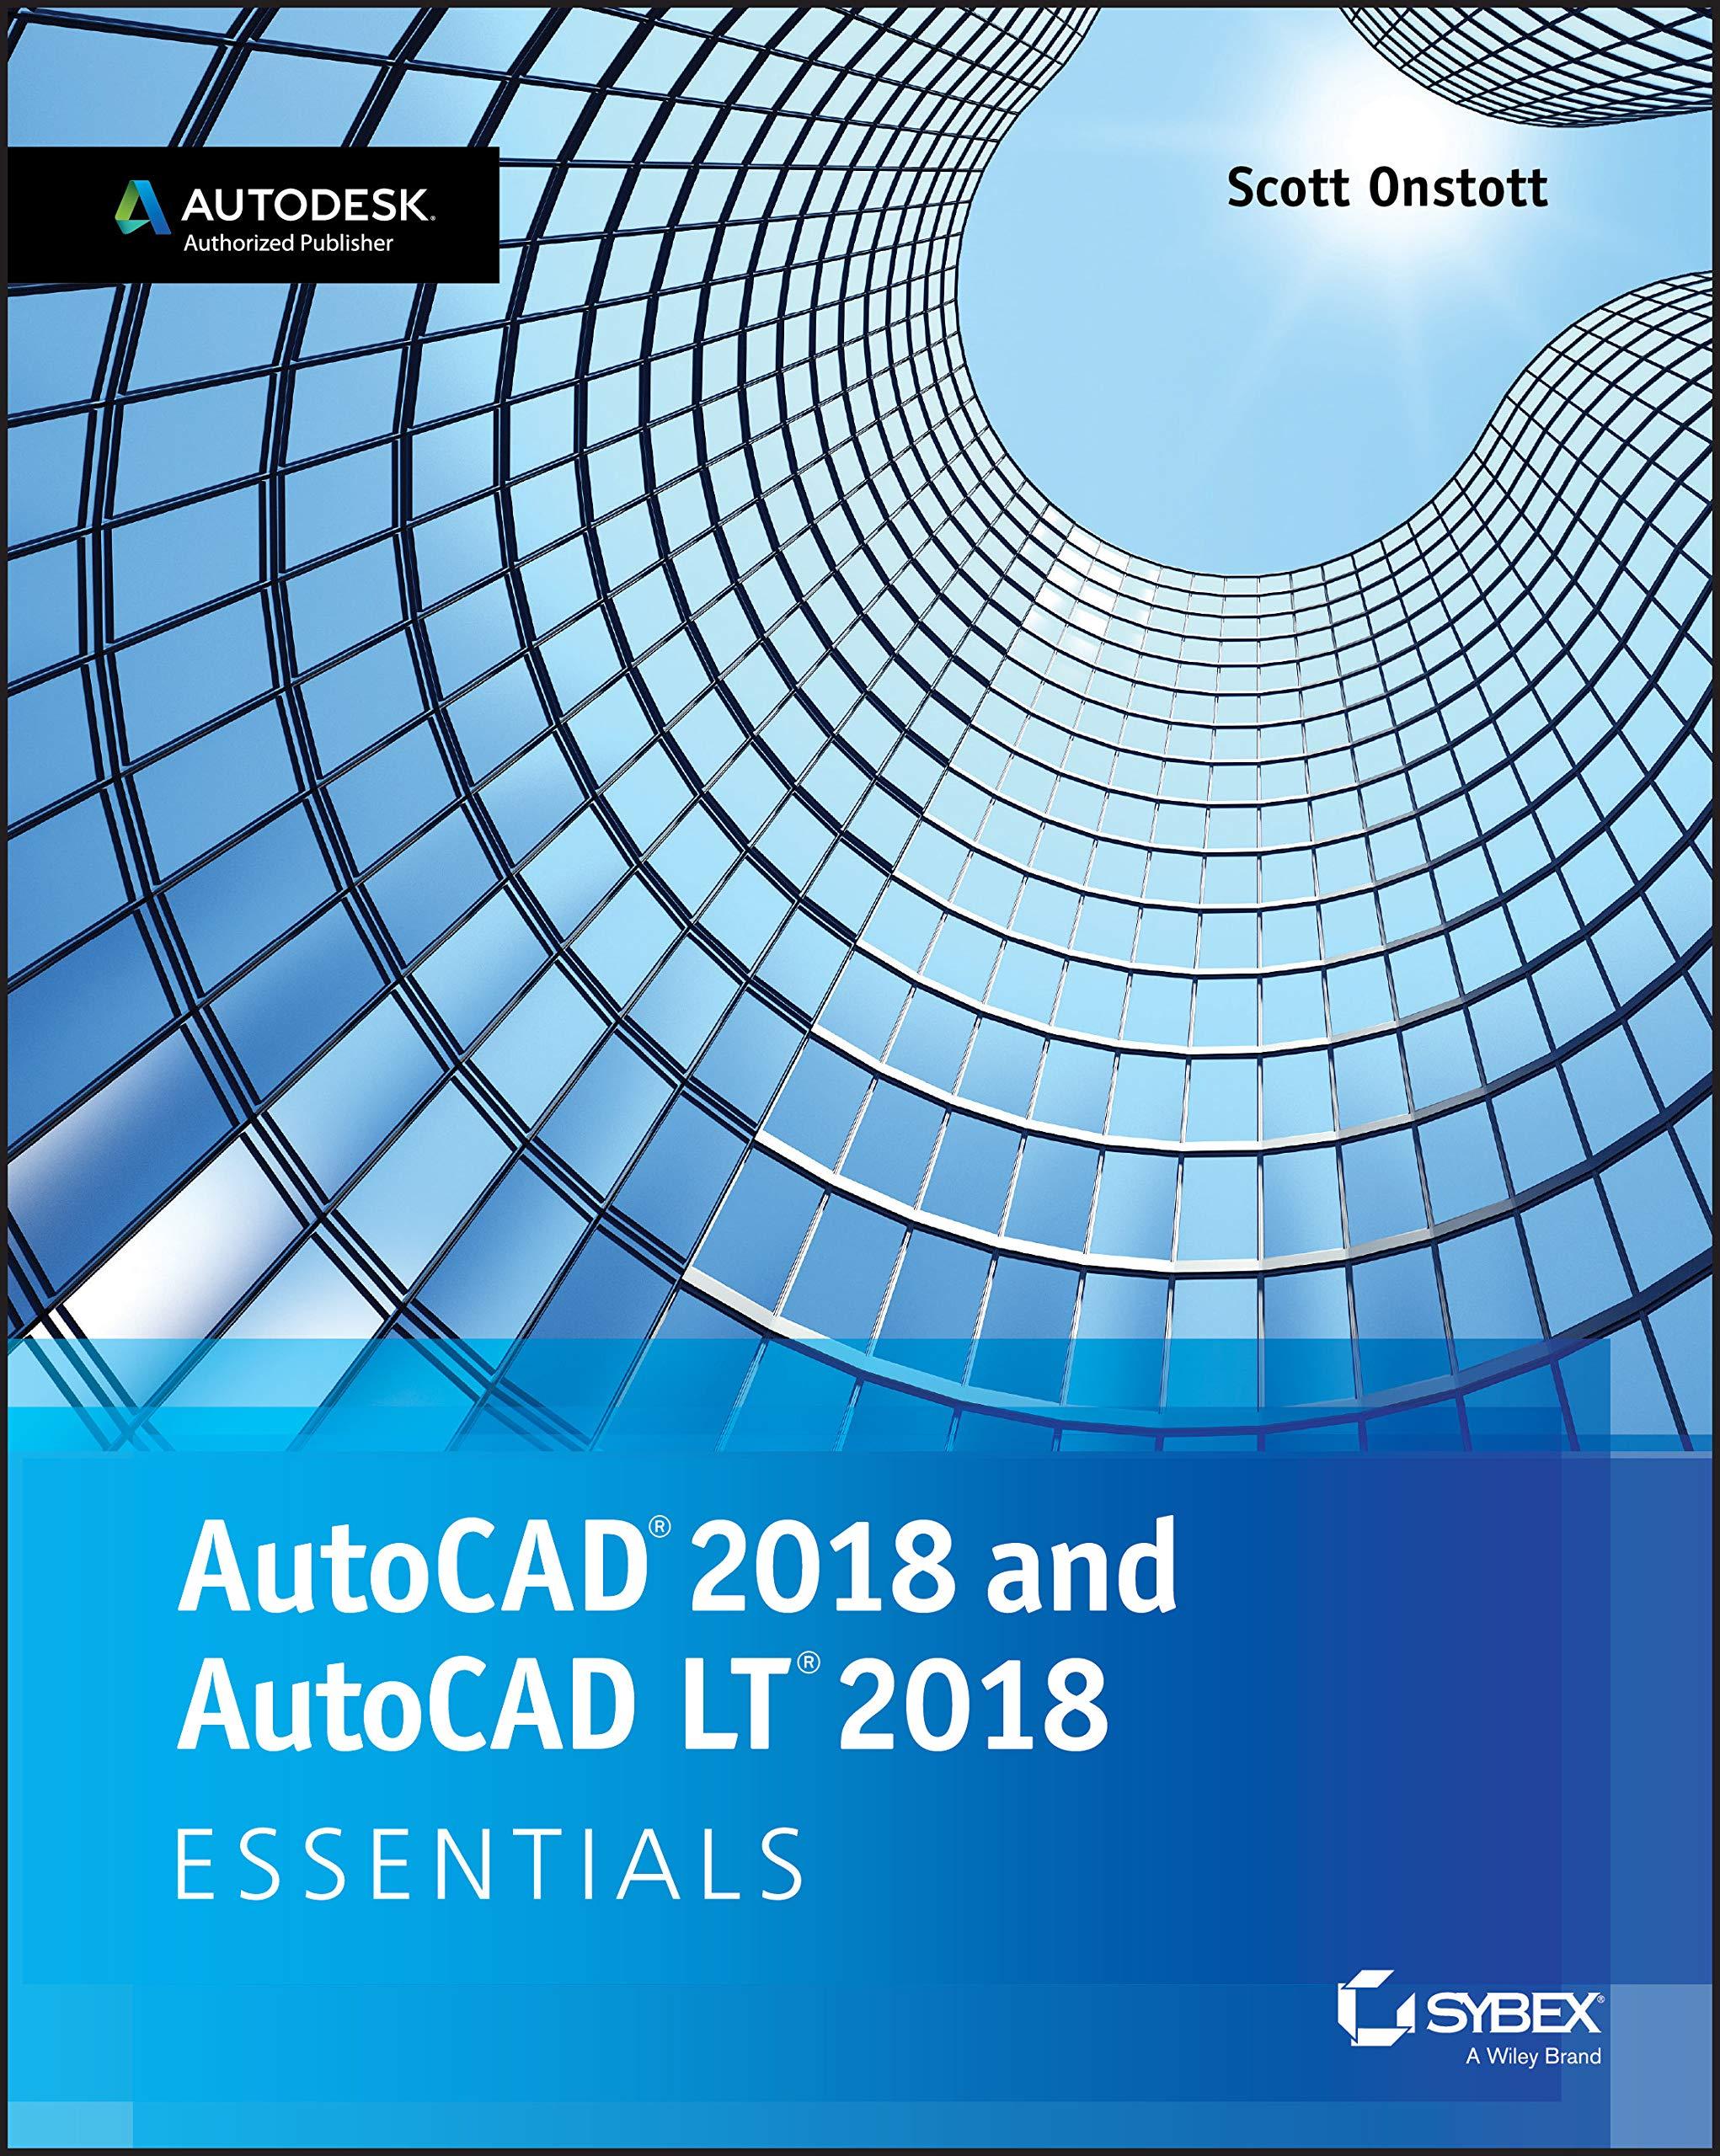 AutoCAD 2018 and AutoCAD LT 2018 Essentials: Amazon.es: Onstott, Scott: Libros en idiomas extranjeros